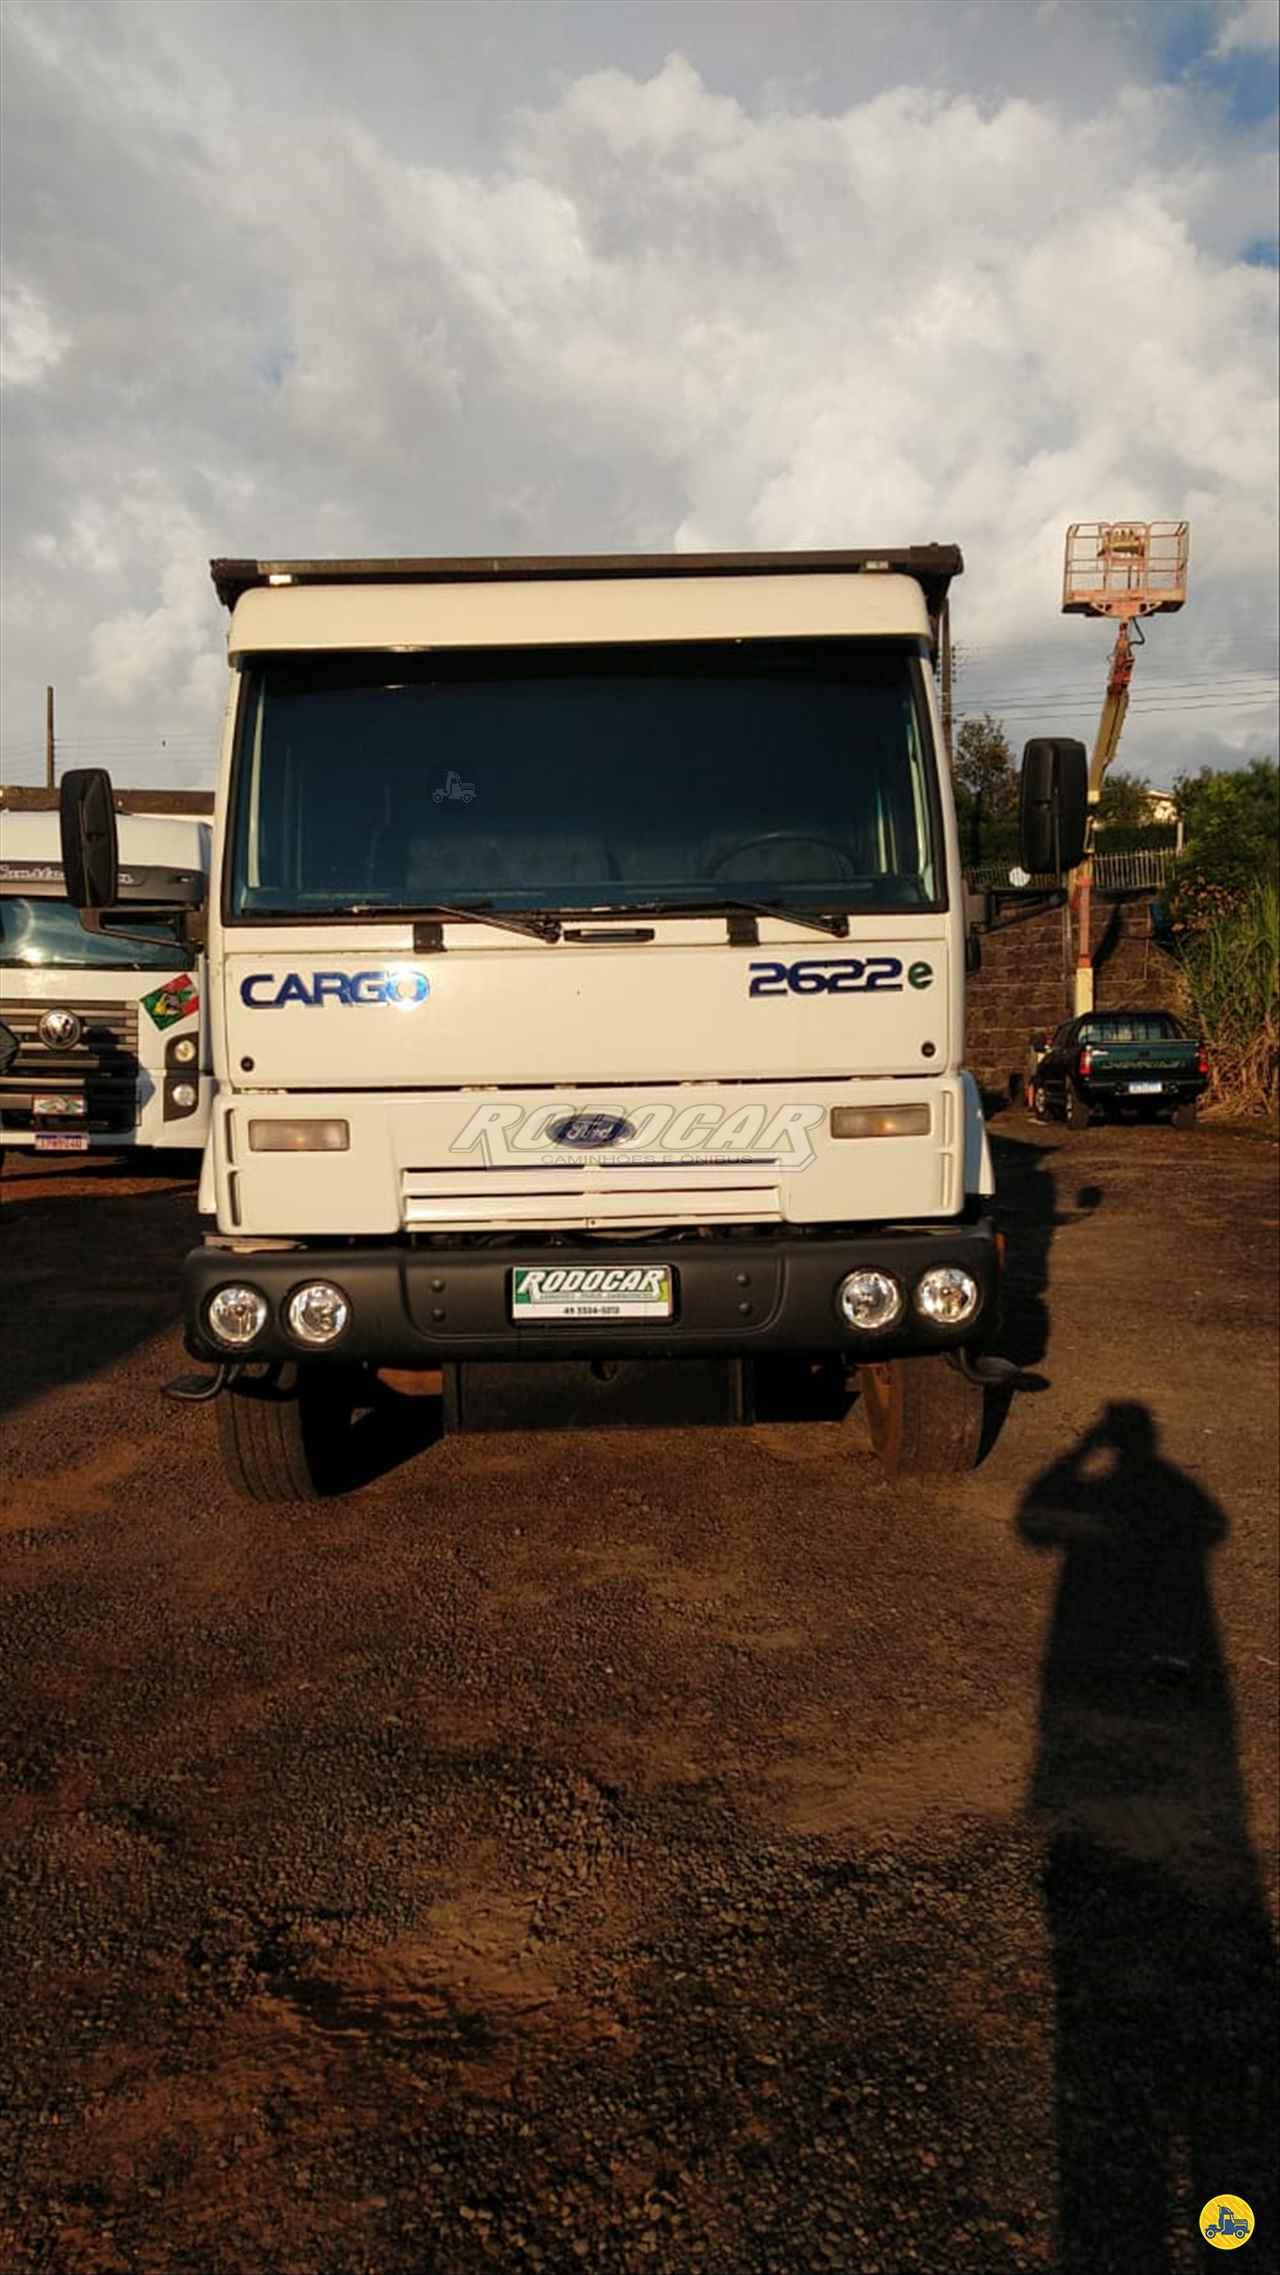 CAMINHAO FORD CARGO 2622 Caçamba Basculante Traçado 6x4 Rodocar Caminhões CHAPECO SANTA CATARINA SC